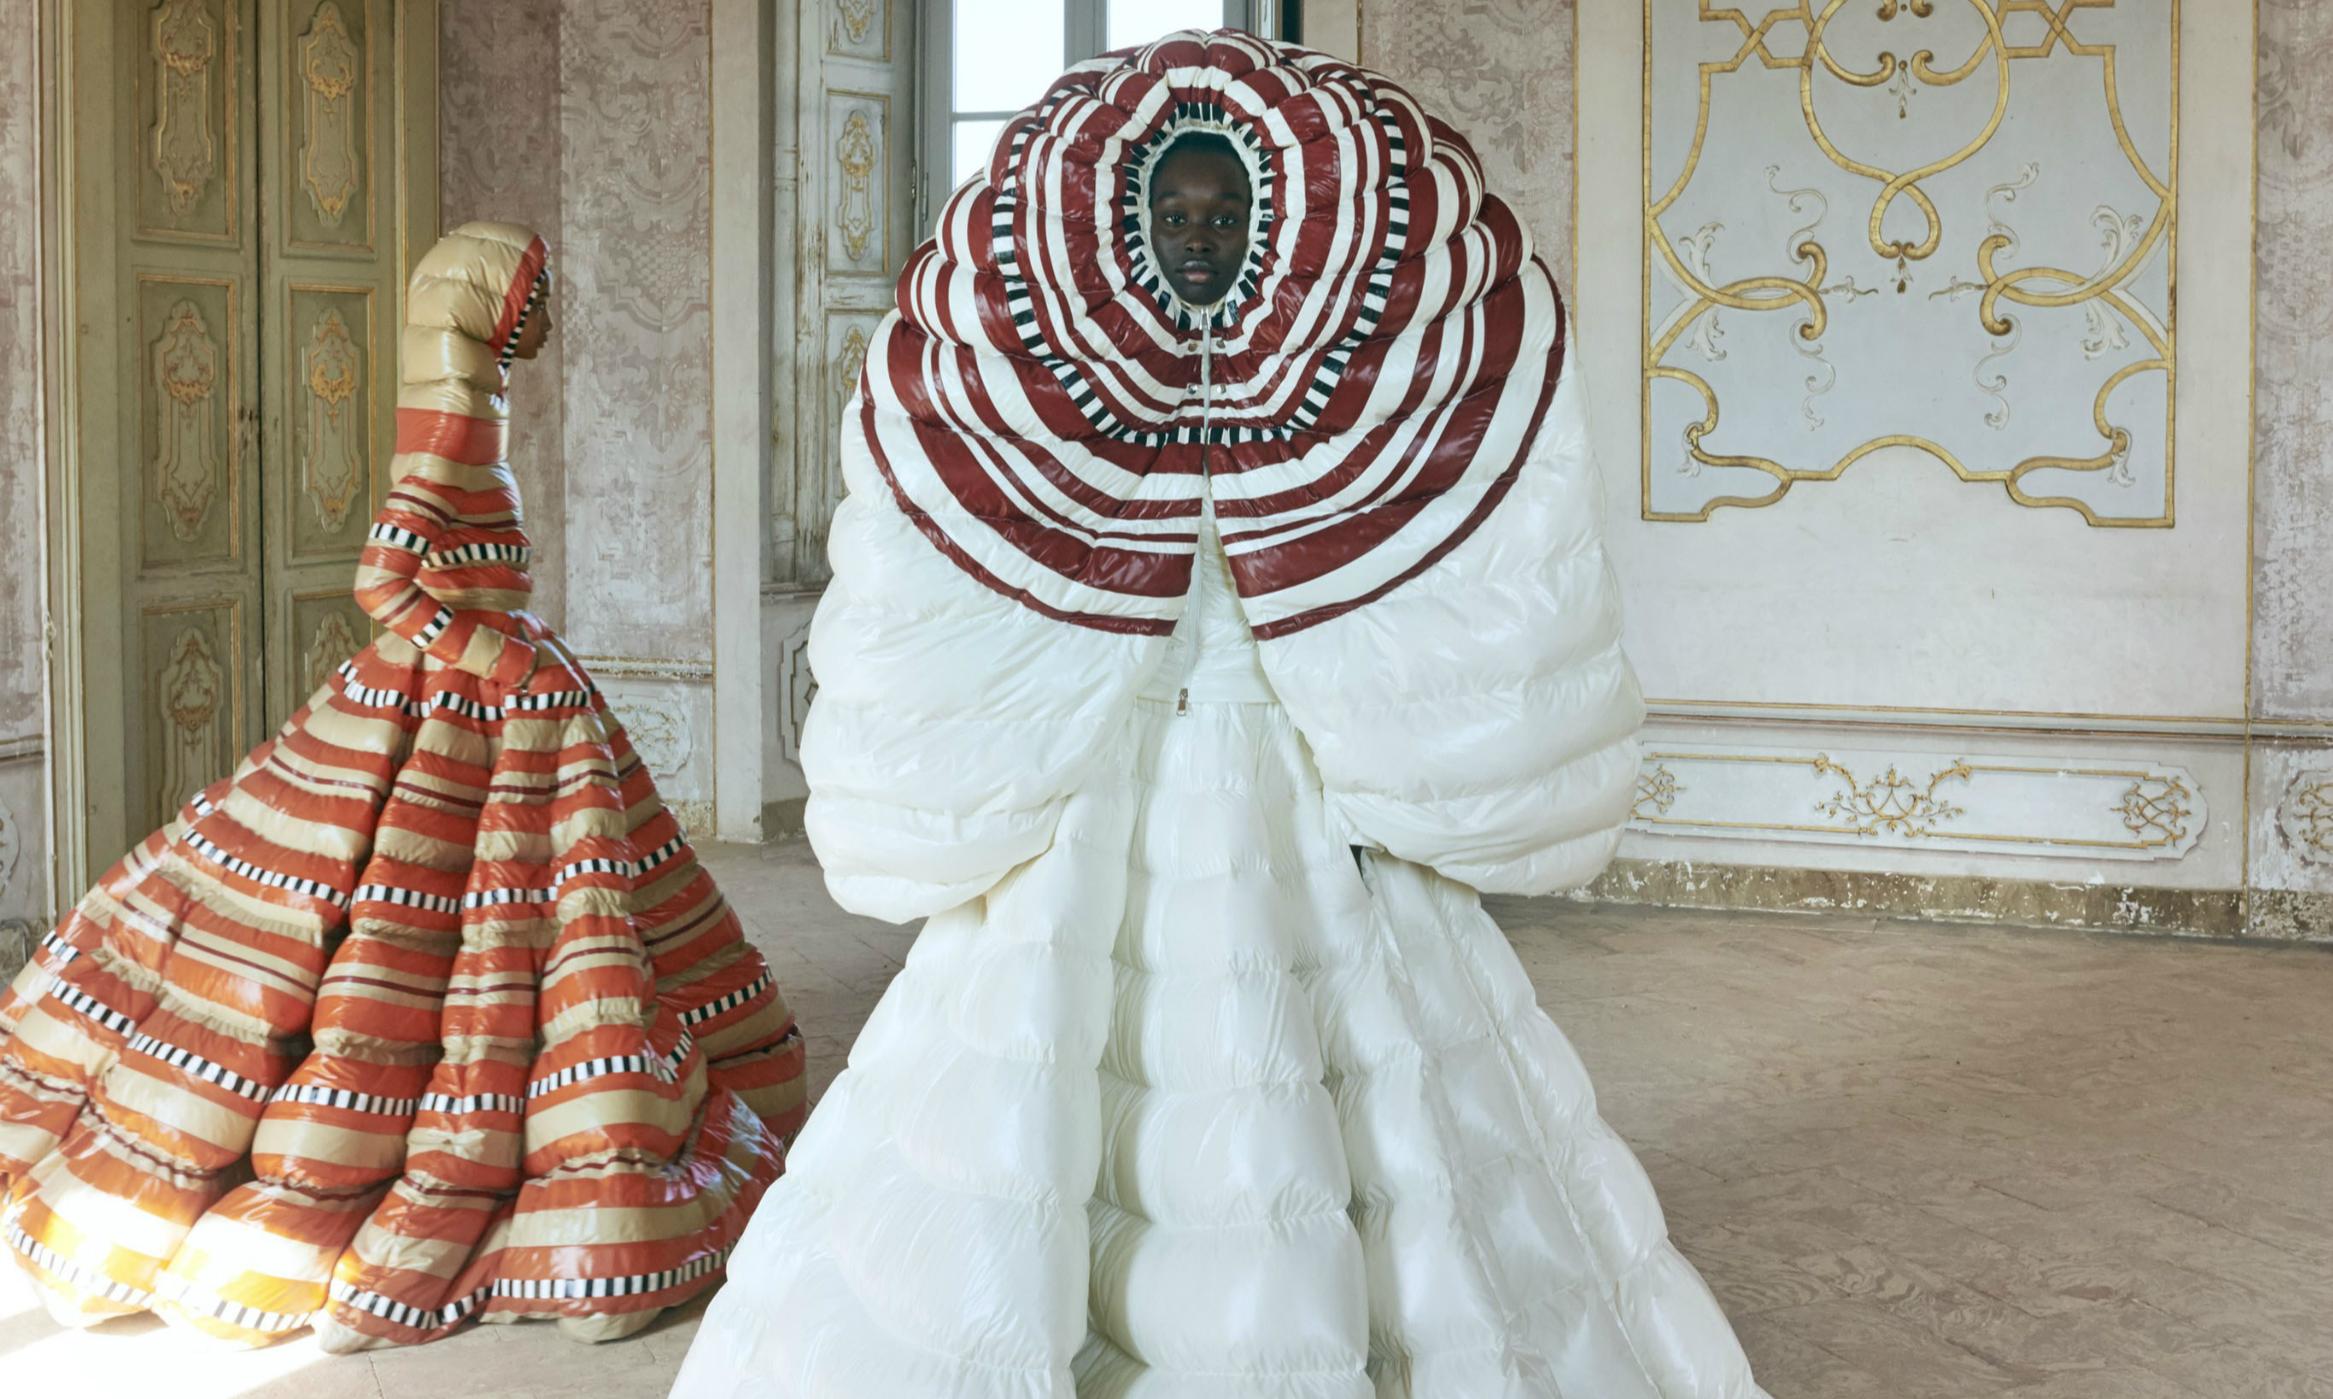 Moncler 携手 Valentino 创意总监 Pierpaolo Piccioli 带来羽绒服礼裙系列